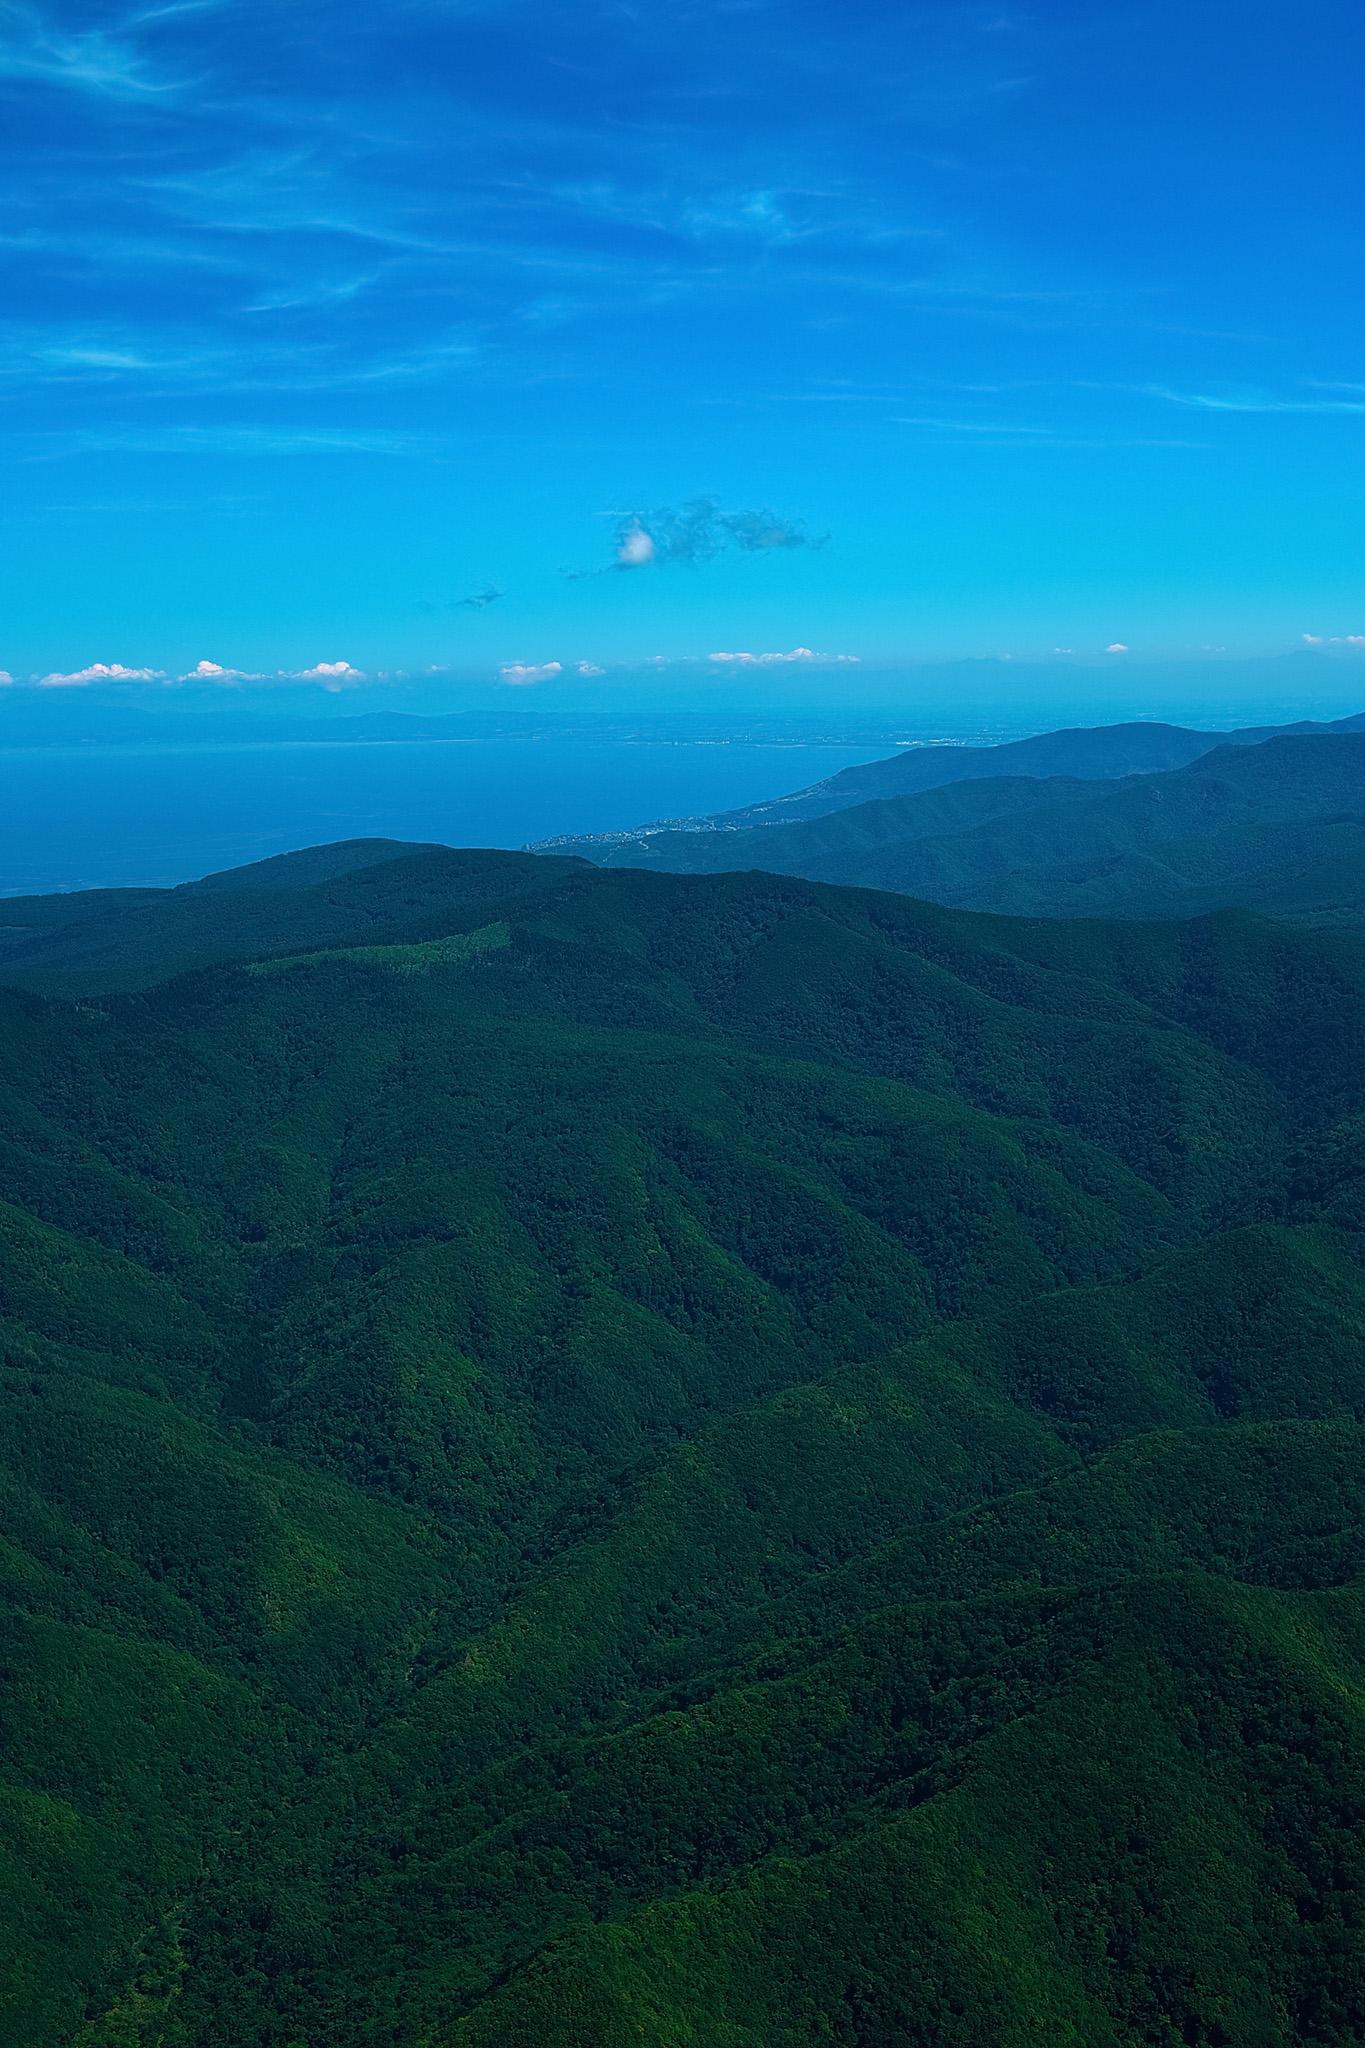 「遠くに海が見える緑濃い山岳」の素材を無料ダウンロード